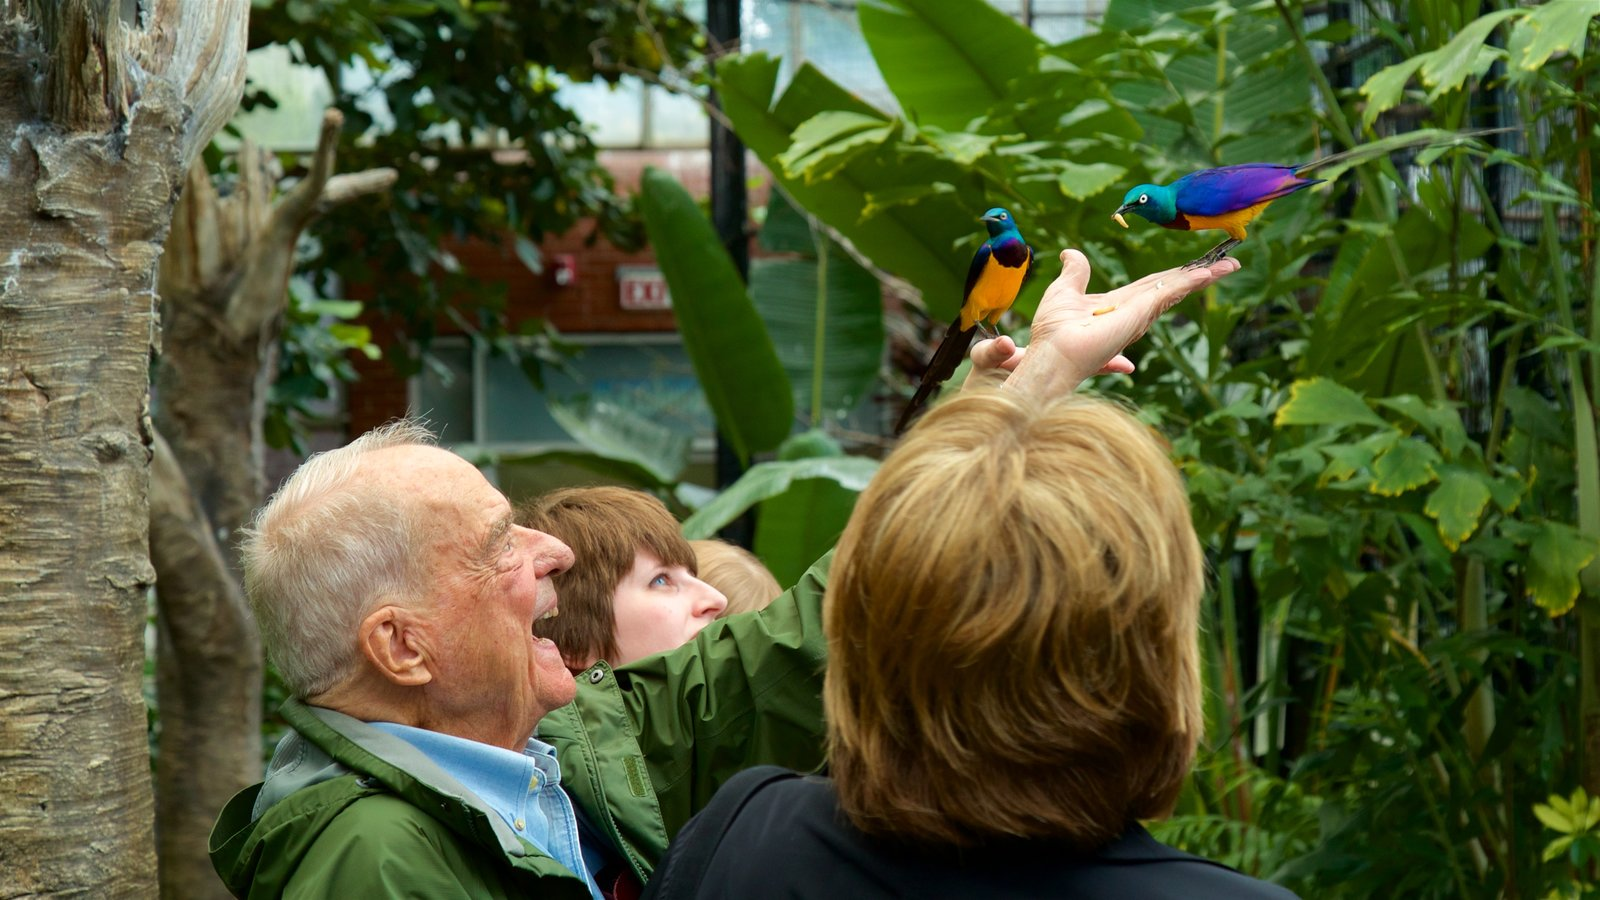 National Aviary mostrando vida das aves assim como um homem sozinho